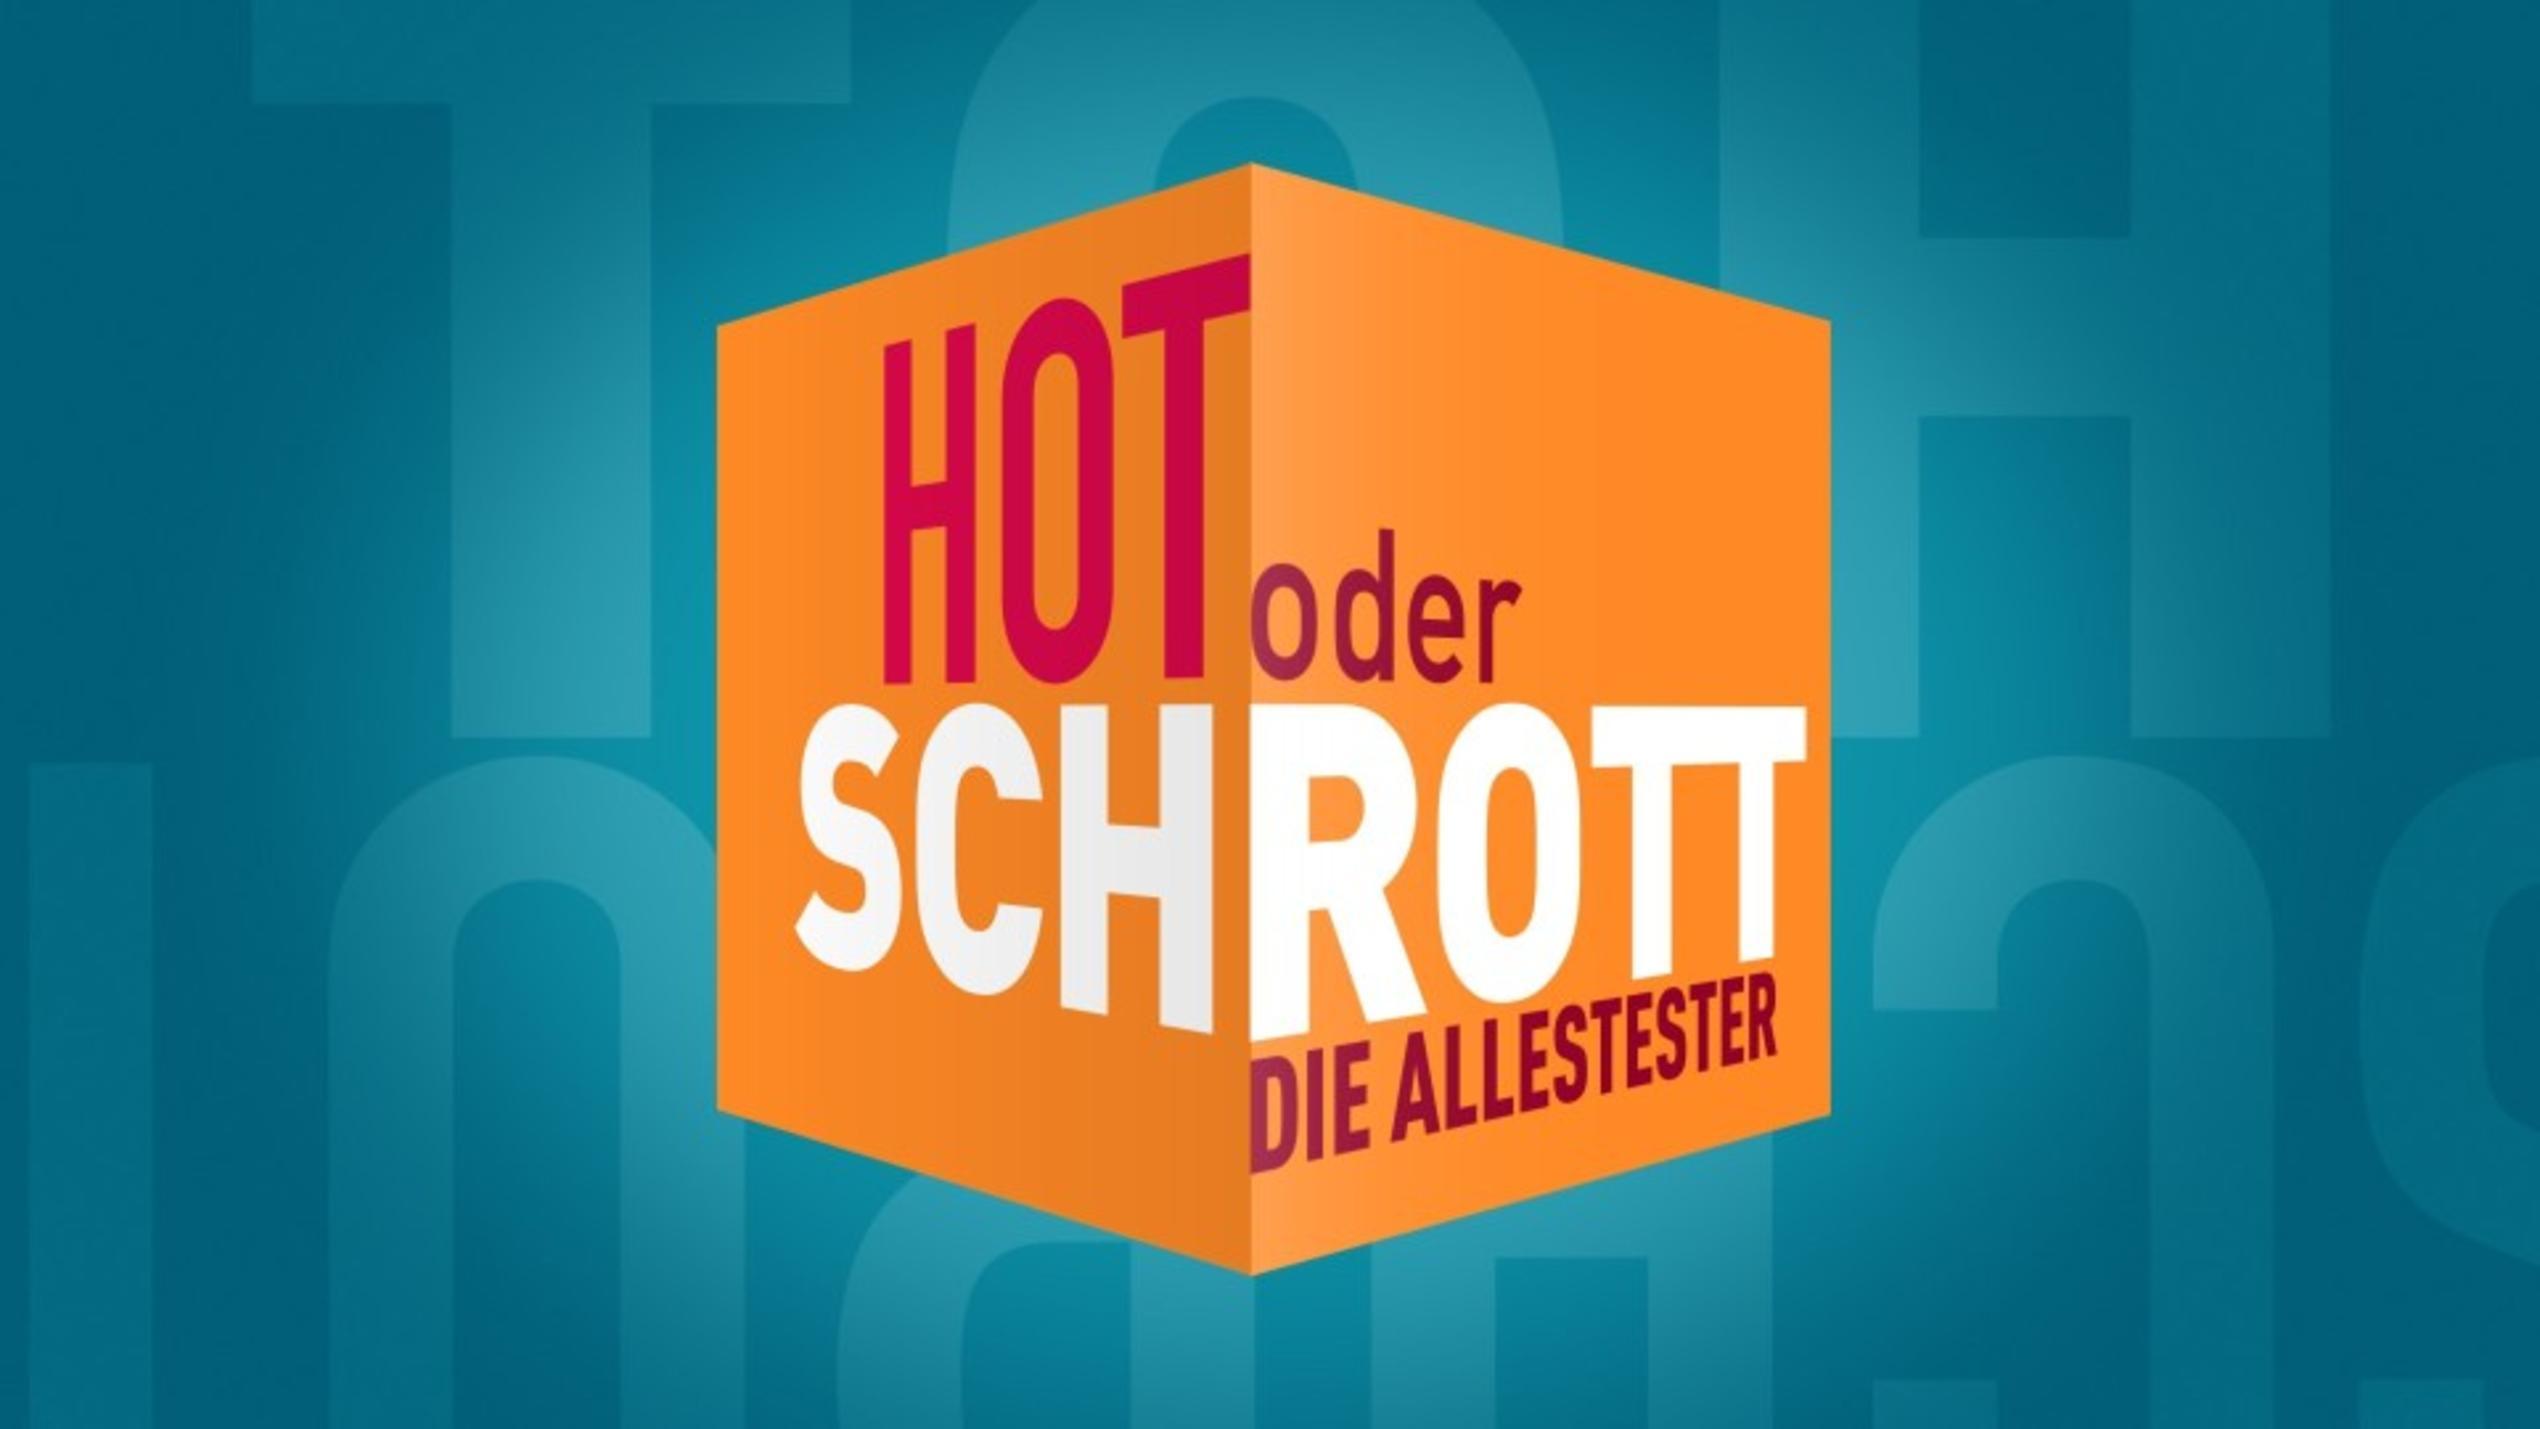 Hot Oder Schrott Sucht Neue Tester